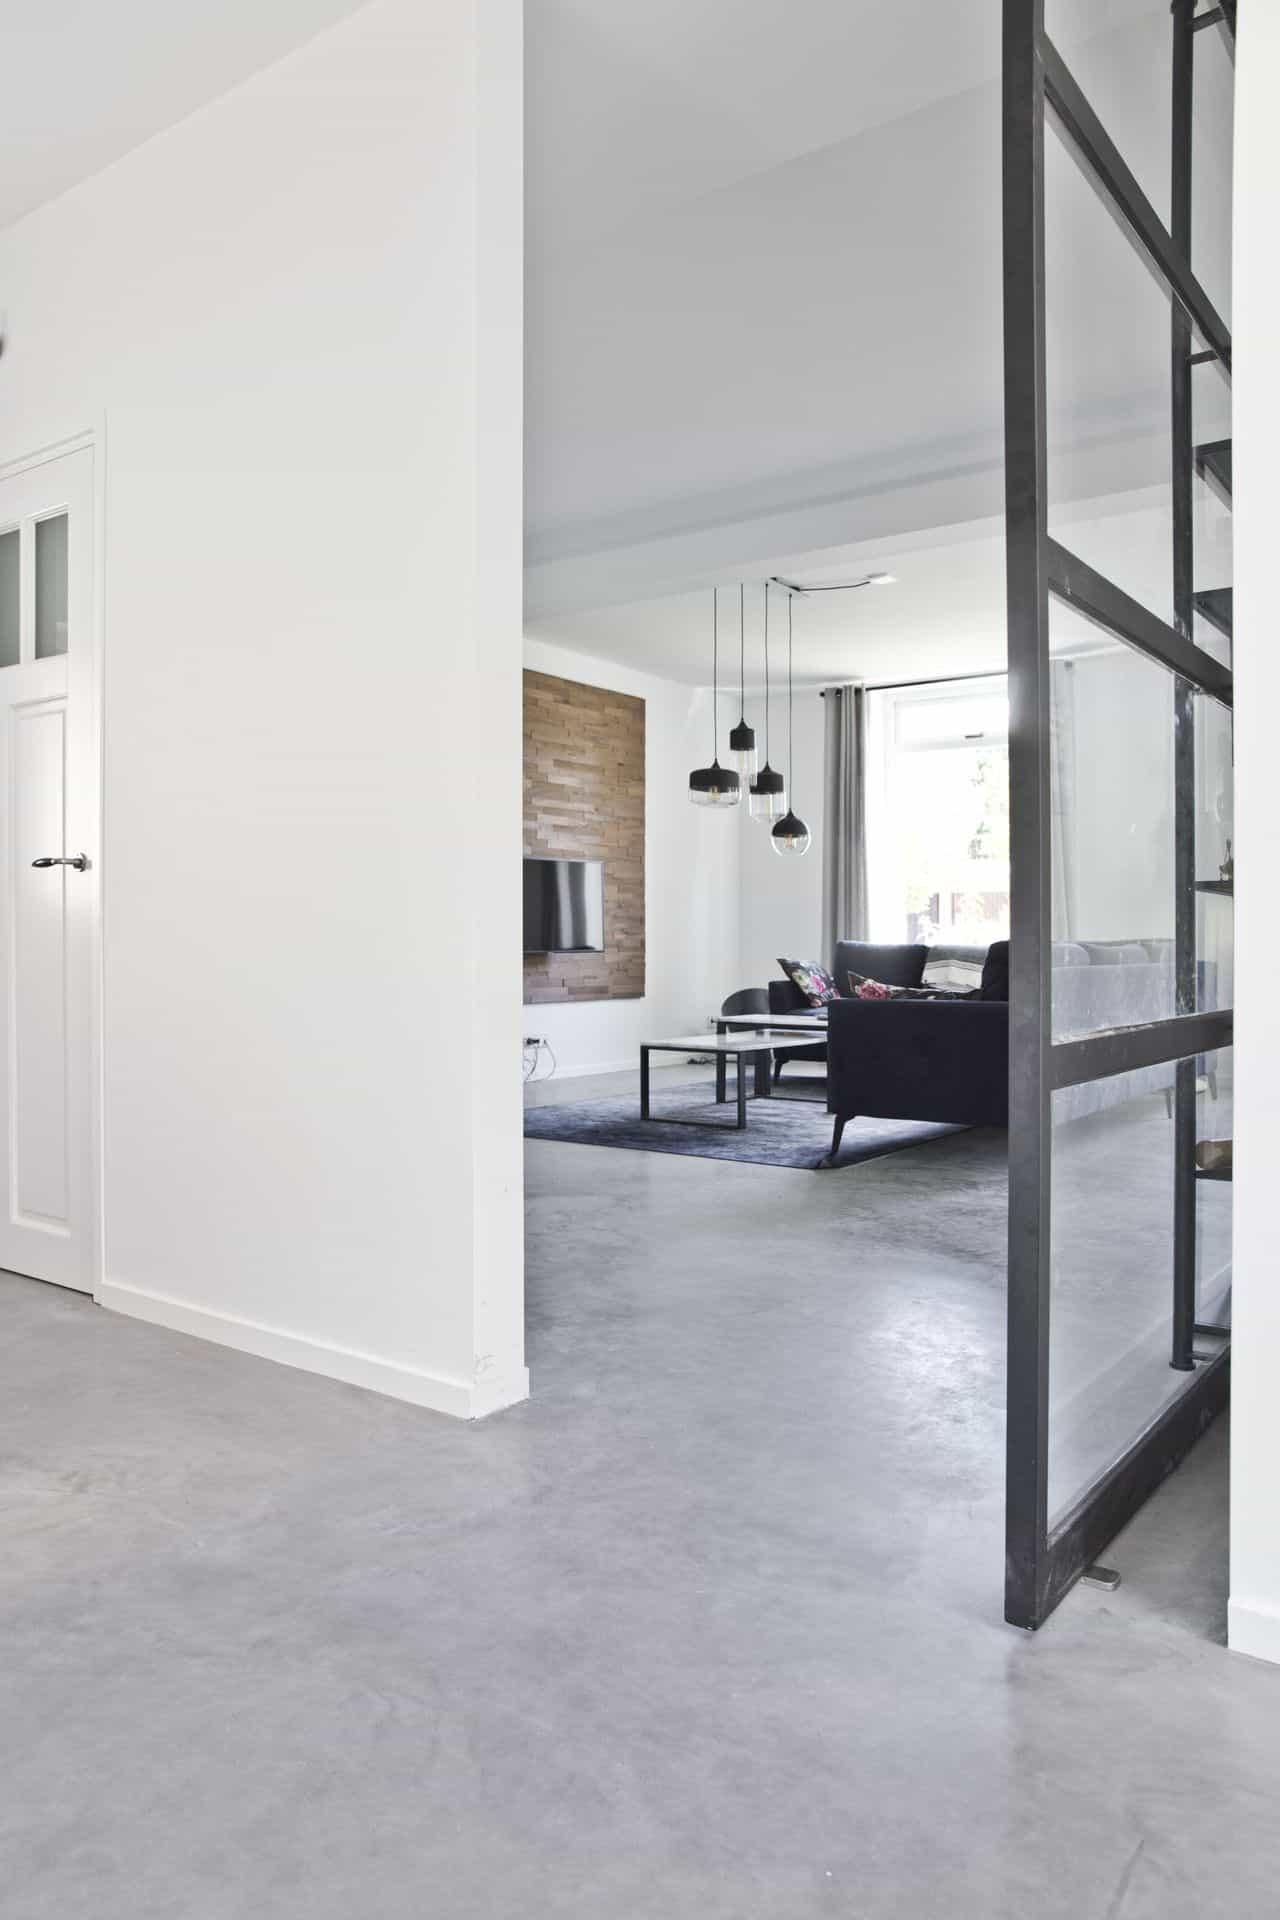 Middengrijze betonvloer, betonvloer midden-grijs middengrijs beton, woonkamer met middengrijze betonvloer, gevlinderd beton